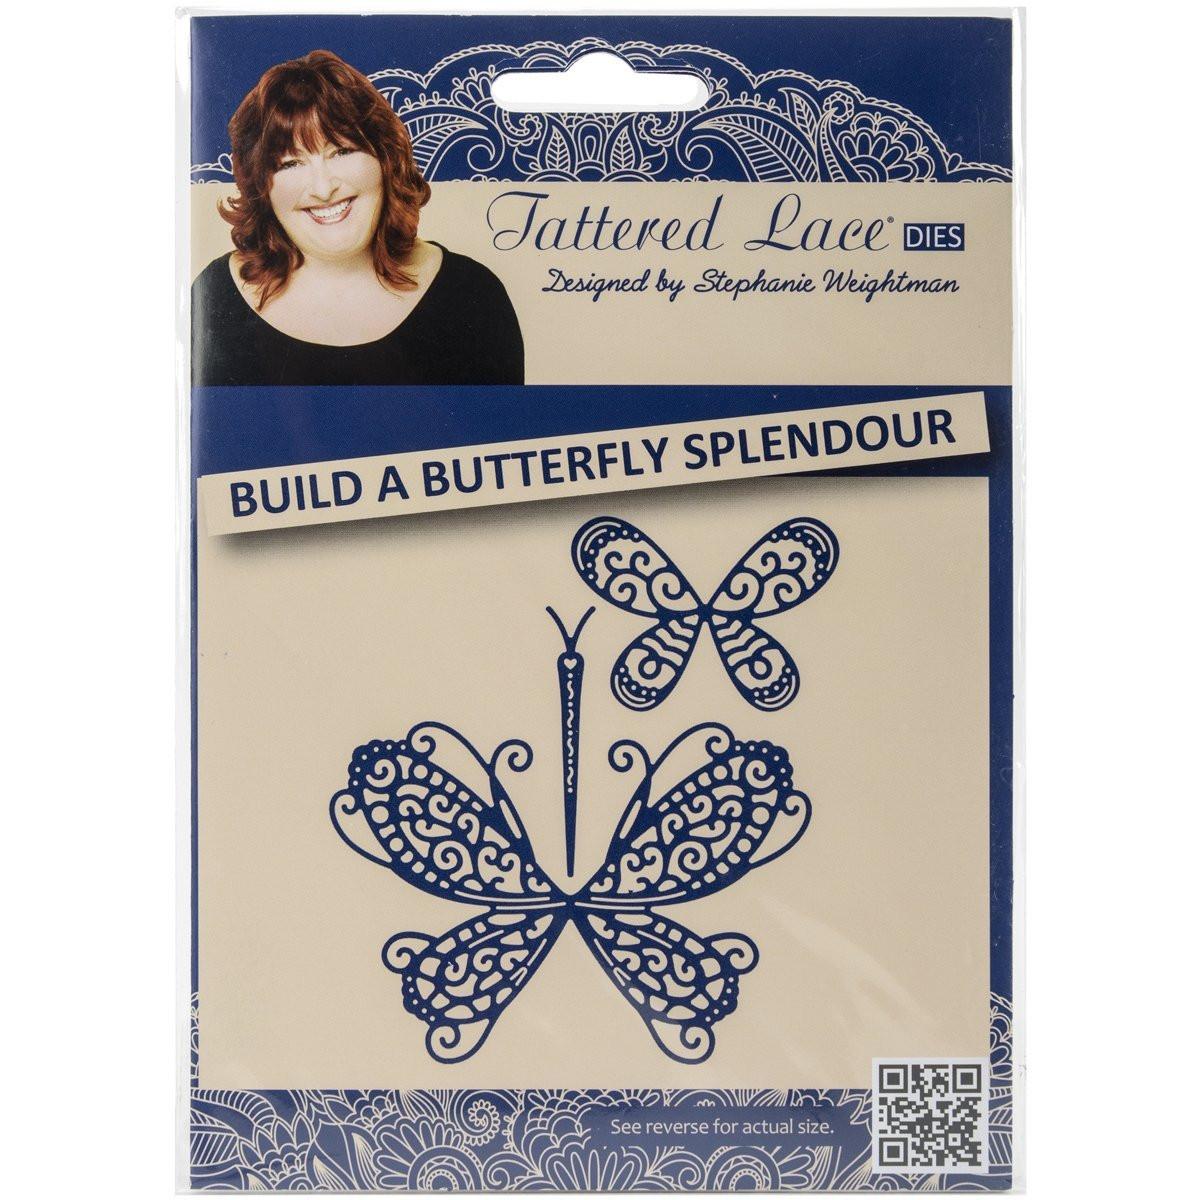 BUTTERFLY Butterflies Set DIE Craft Die Cutting Die Tattered Lace Dies D466 New